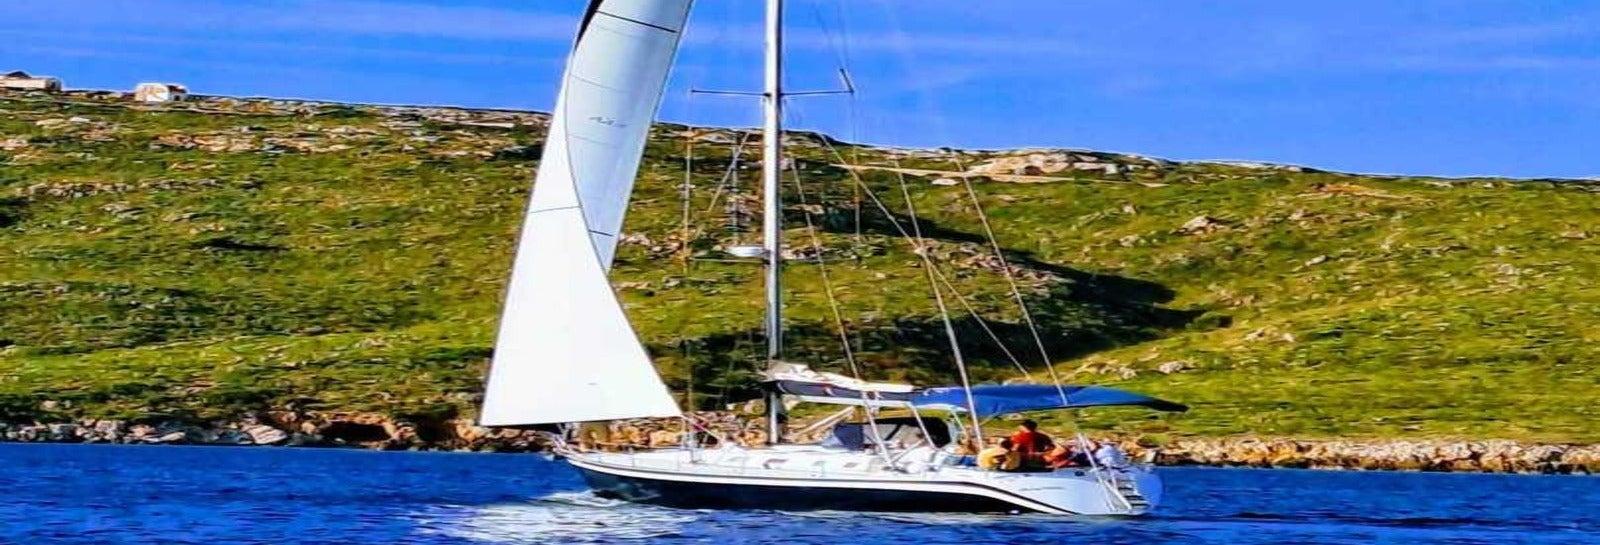 Minorca in barca a vela da Fornells, tour di un giorno intero